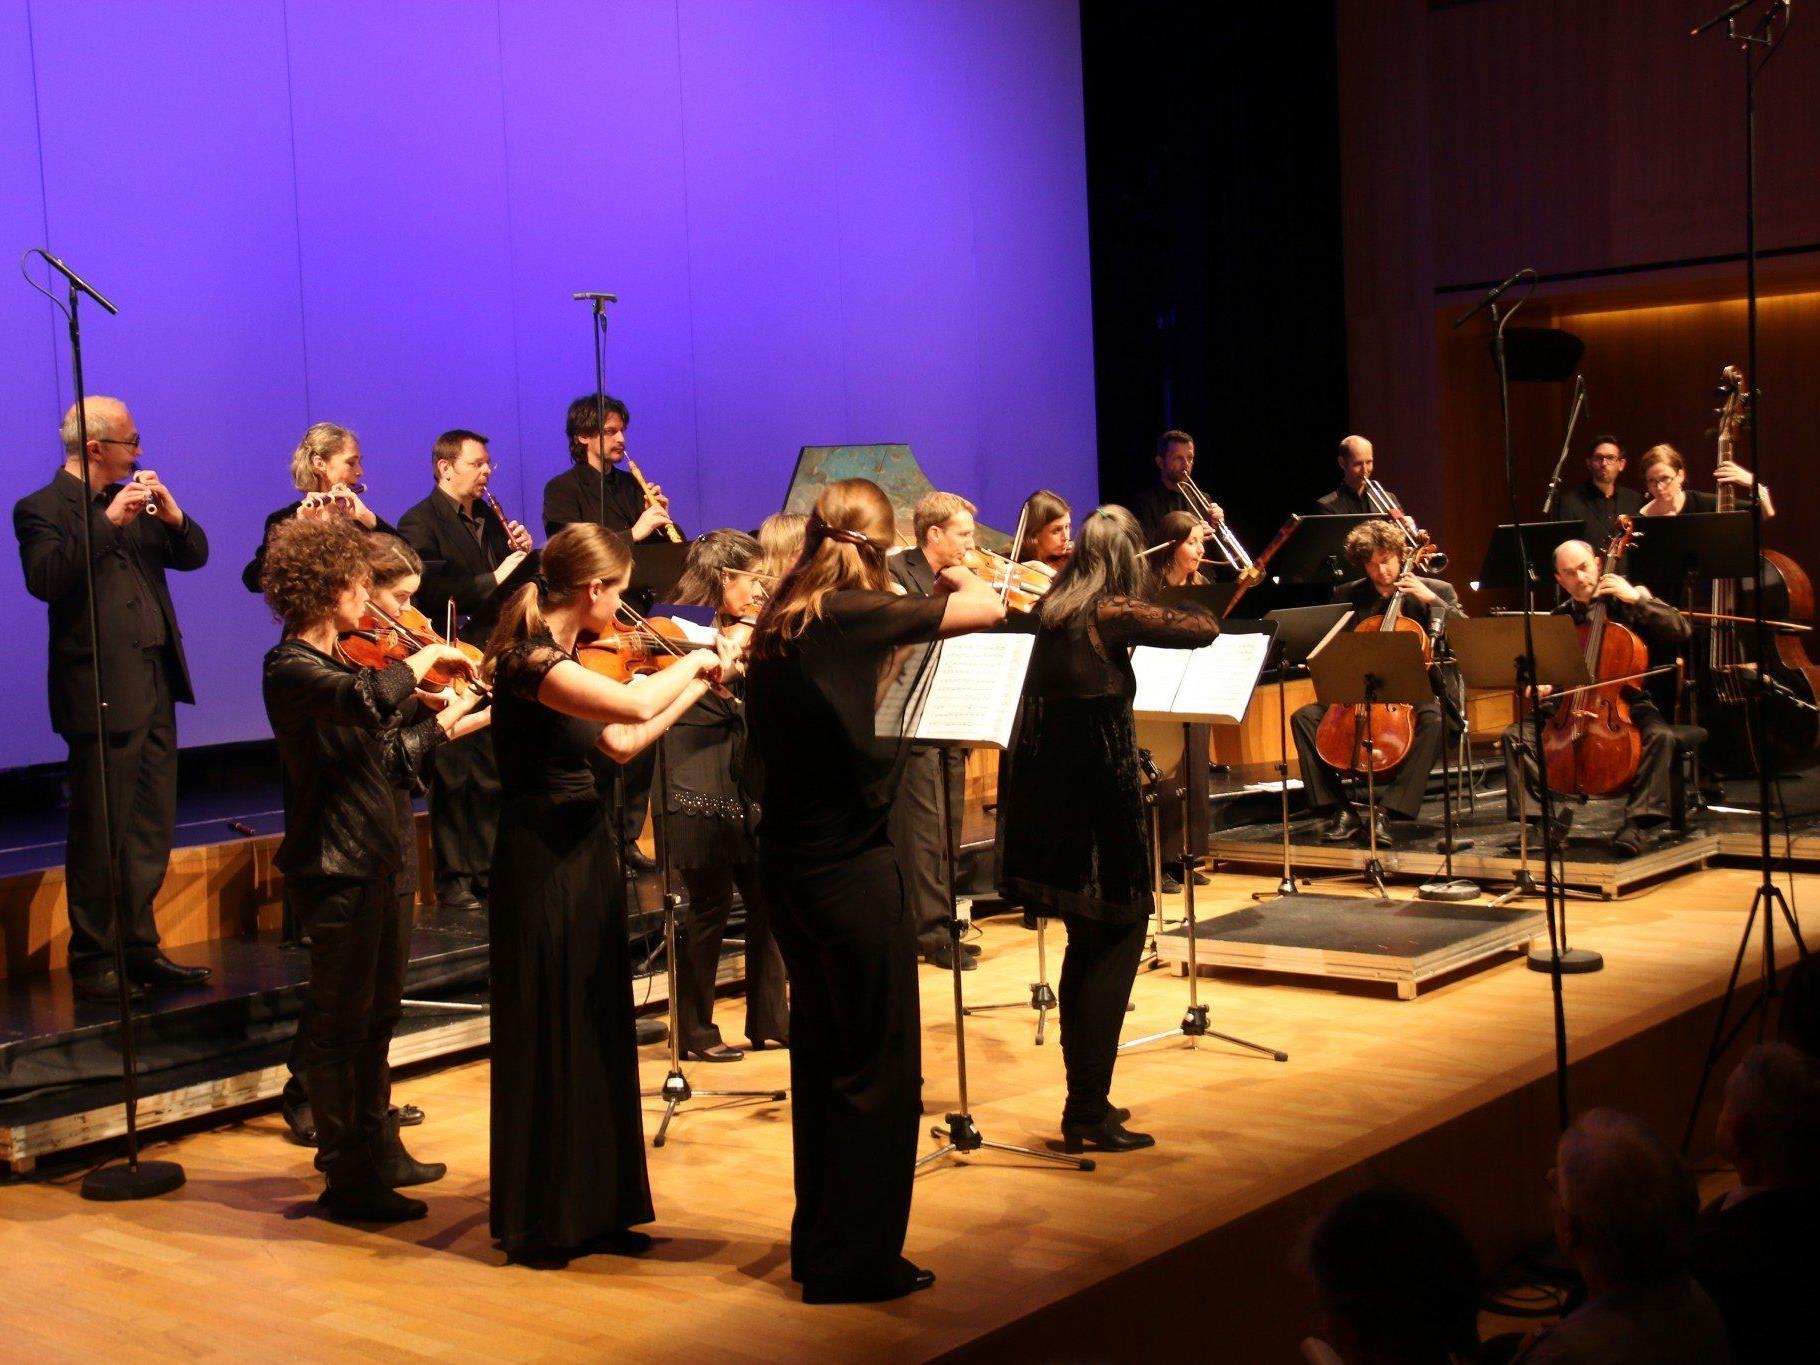 """""""Concerto Stella Matutina"""" huldigte dem """"sächsischen Sonnenkönig"""" August dem Starken. Rechts im Orchester der Dirigent und Solochellist Christophe Coin."""